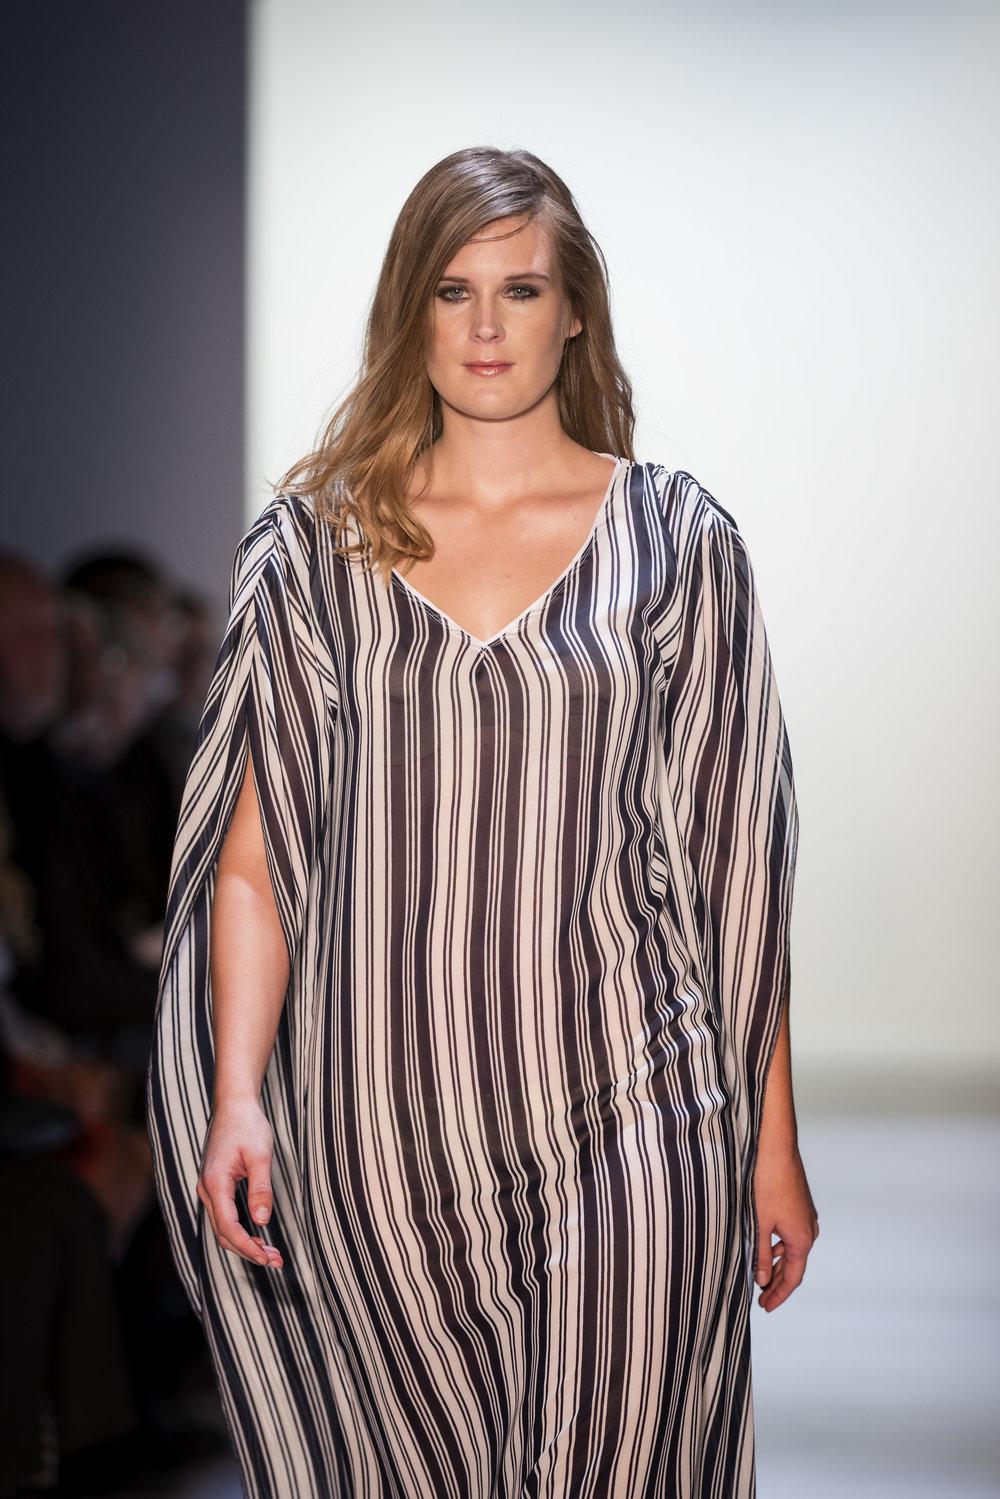 Massif Fashion Week 2017 Day 3 Stephanie Carlson - 028.jpg